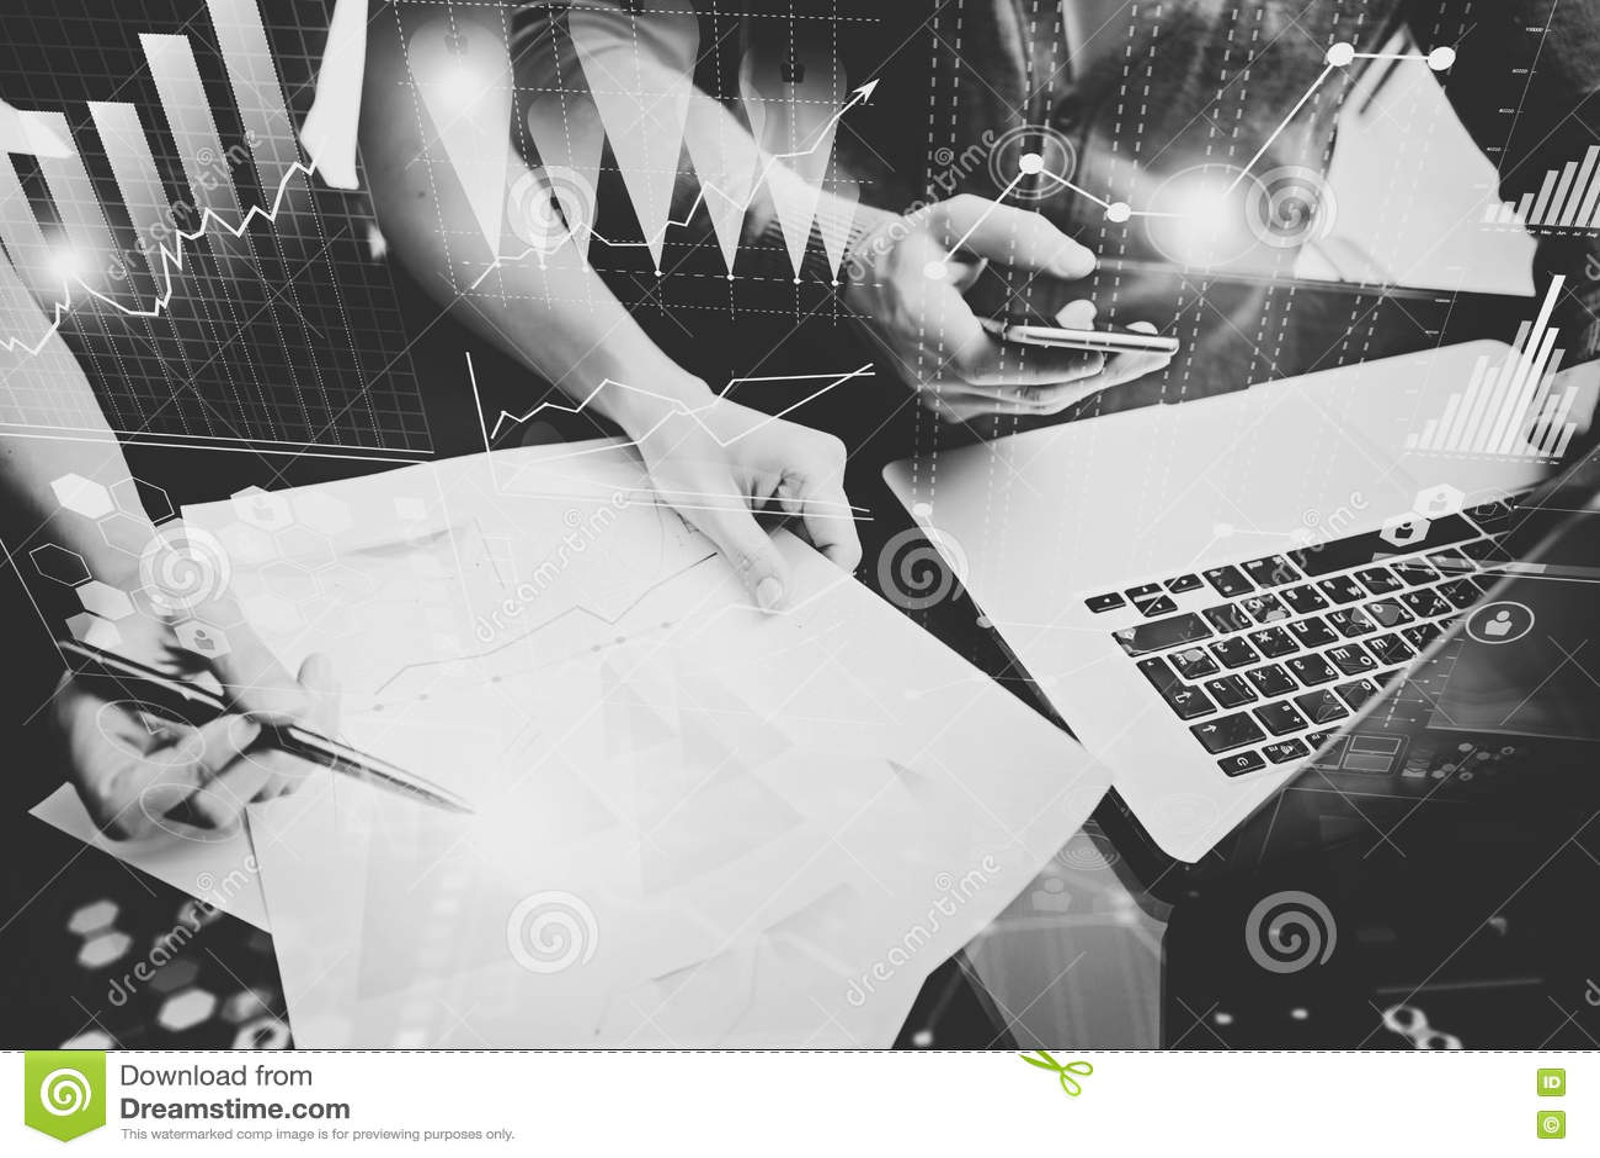 企业概念照片 投资管理人员会议  妇女签署文件 拿着智能手机的人,使用膝上型计算机 图象